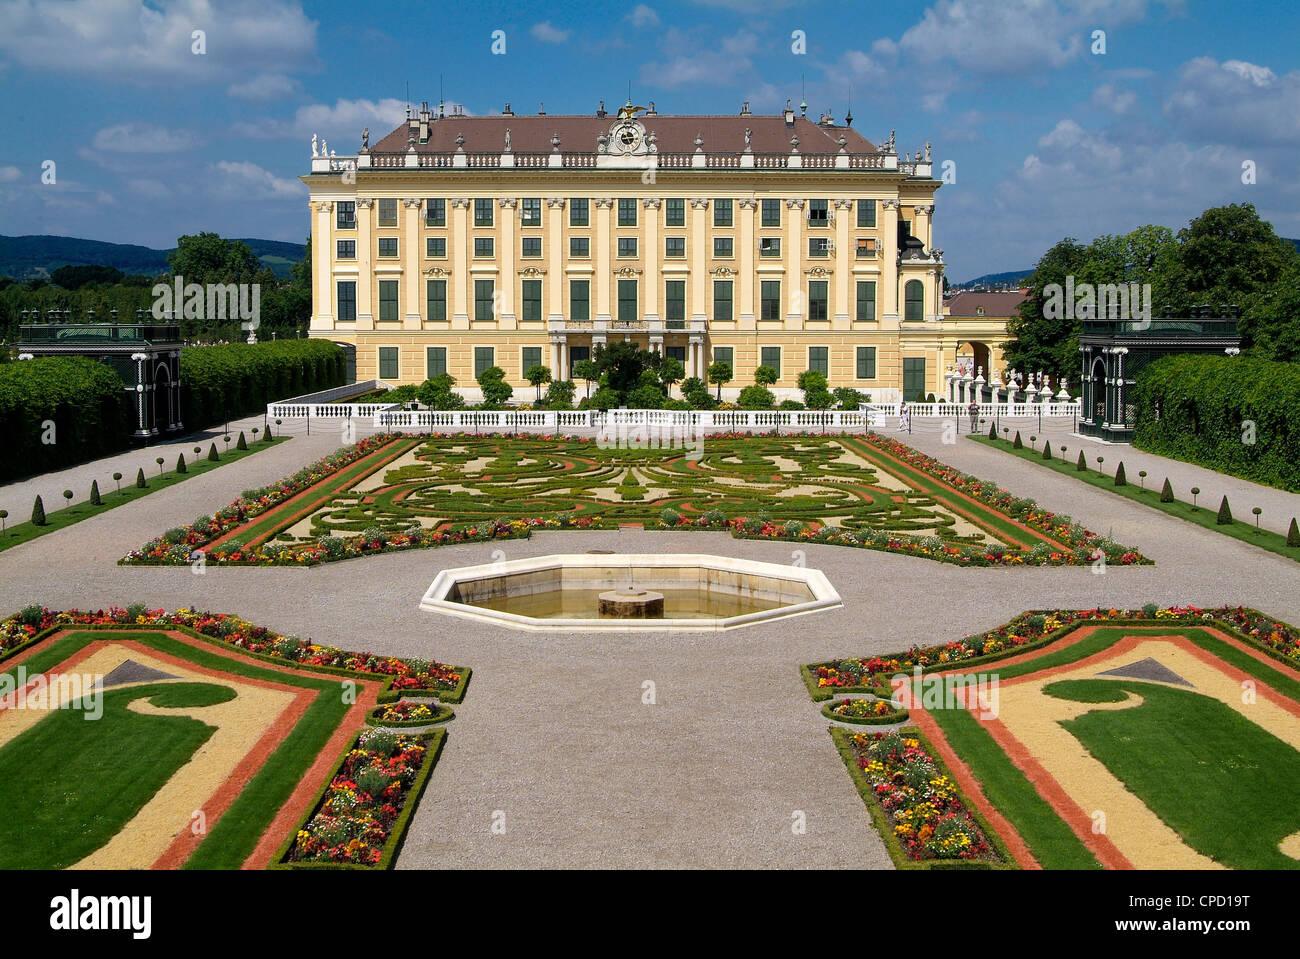 Palais de Schonbrunn, Site du patrimoine mondial de l'UNESCO, Vienne, Autriche, Europe Photo Stock